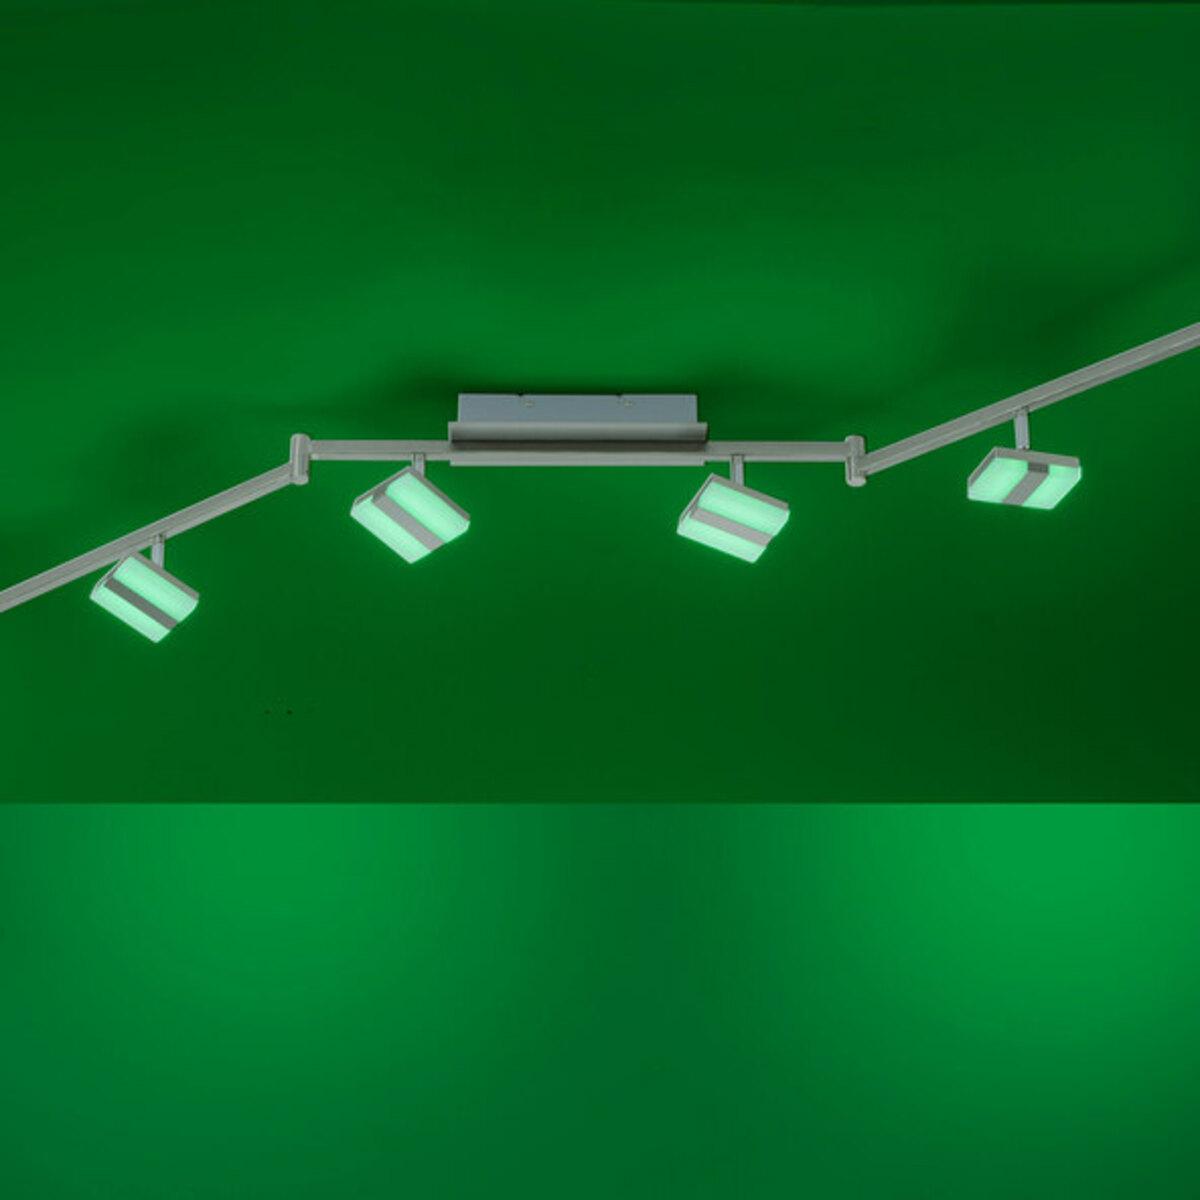 Bild 5 von LED-Deckenleuchte LOLAsmart Sabi, 6-flammig